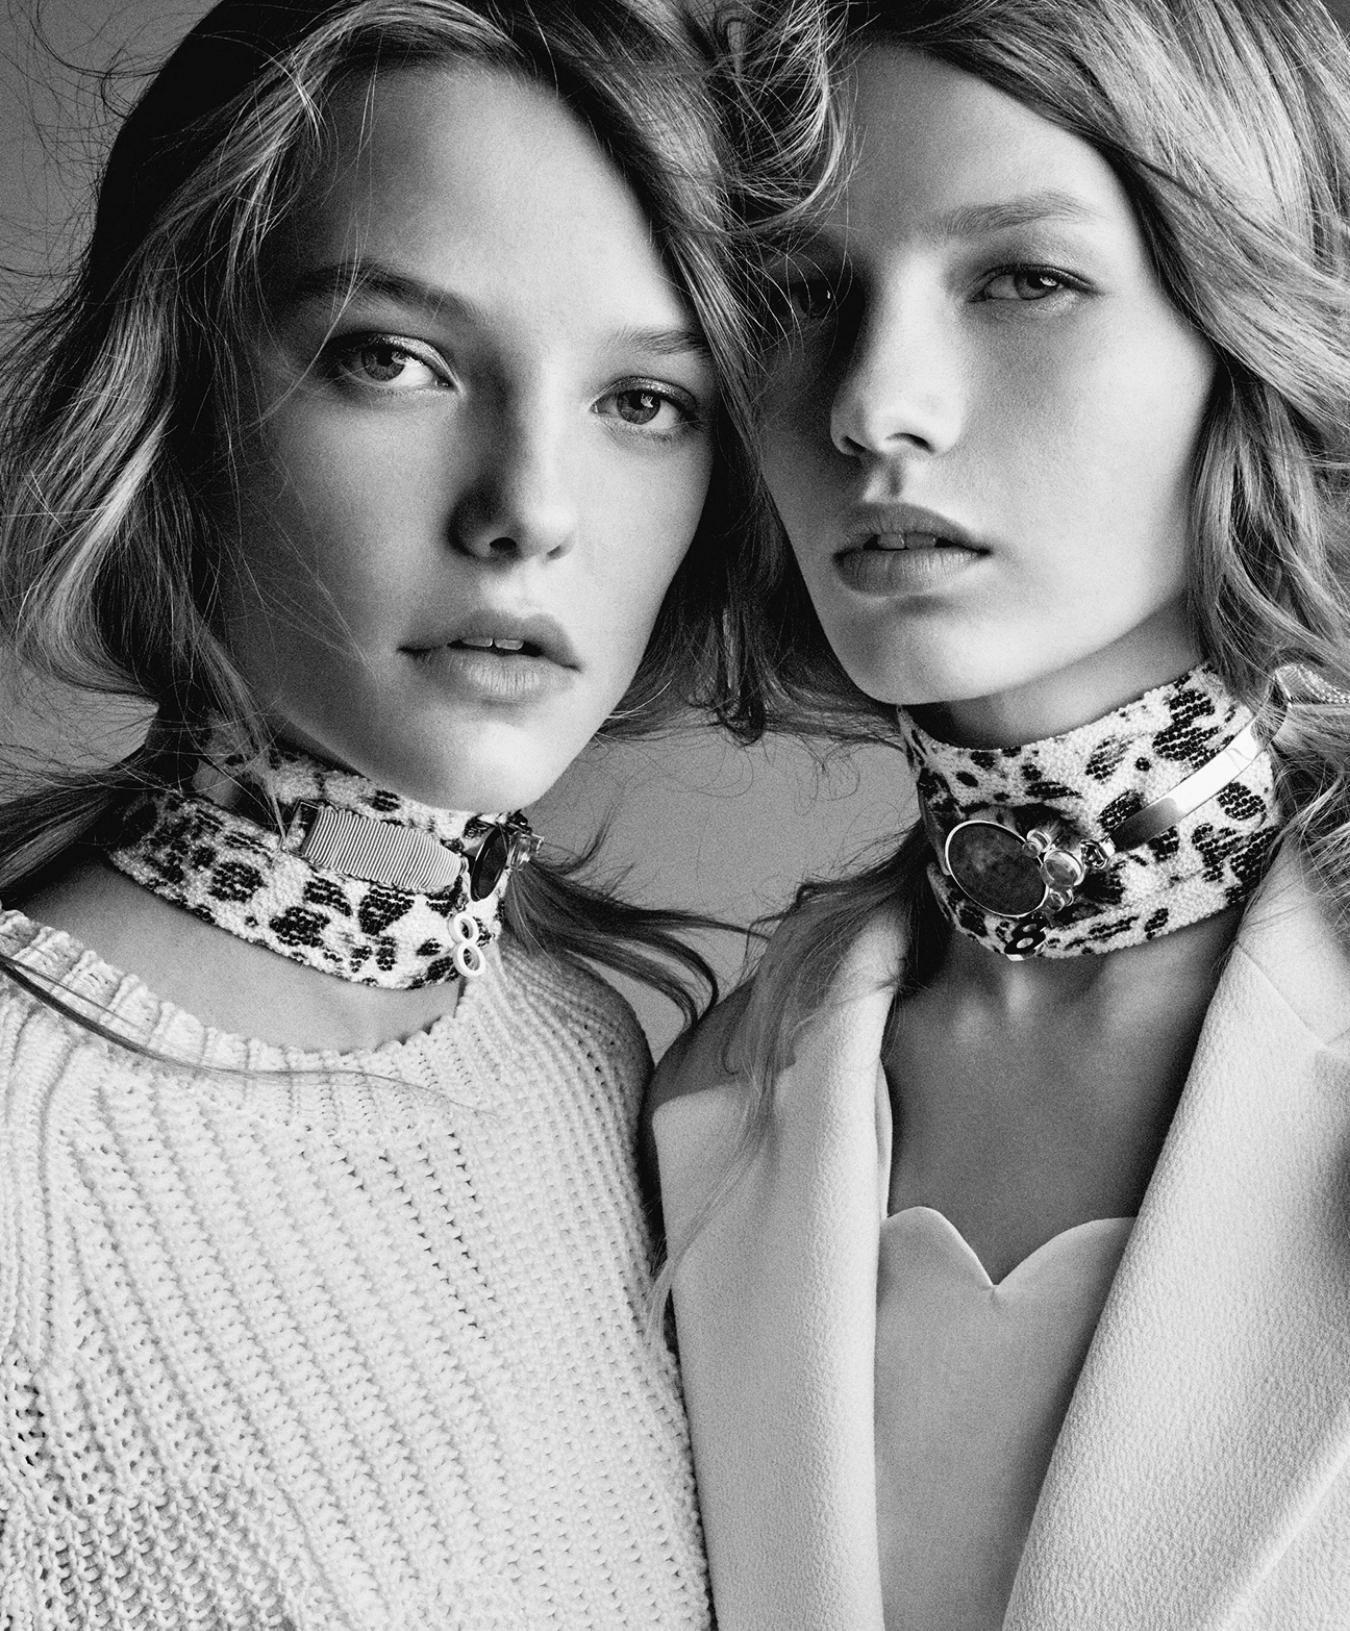 Campanha de verão 2016 da Dior mostra última coleção de Raf Simons para a grife